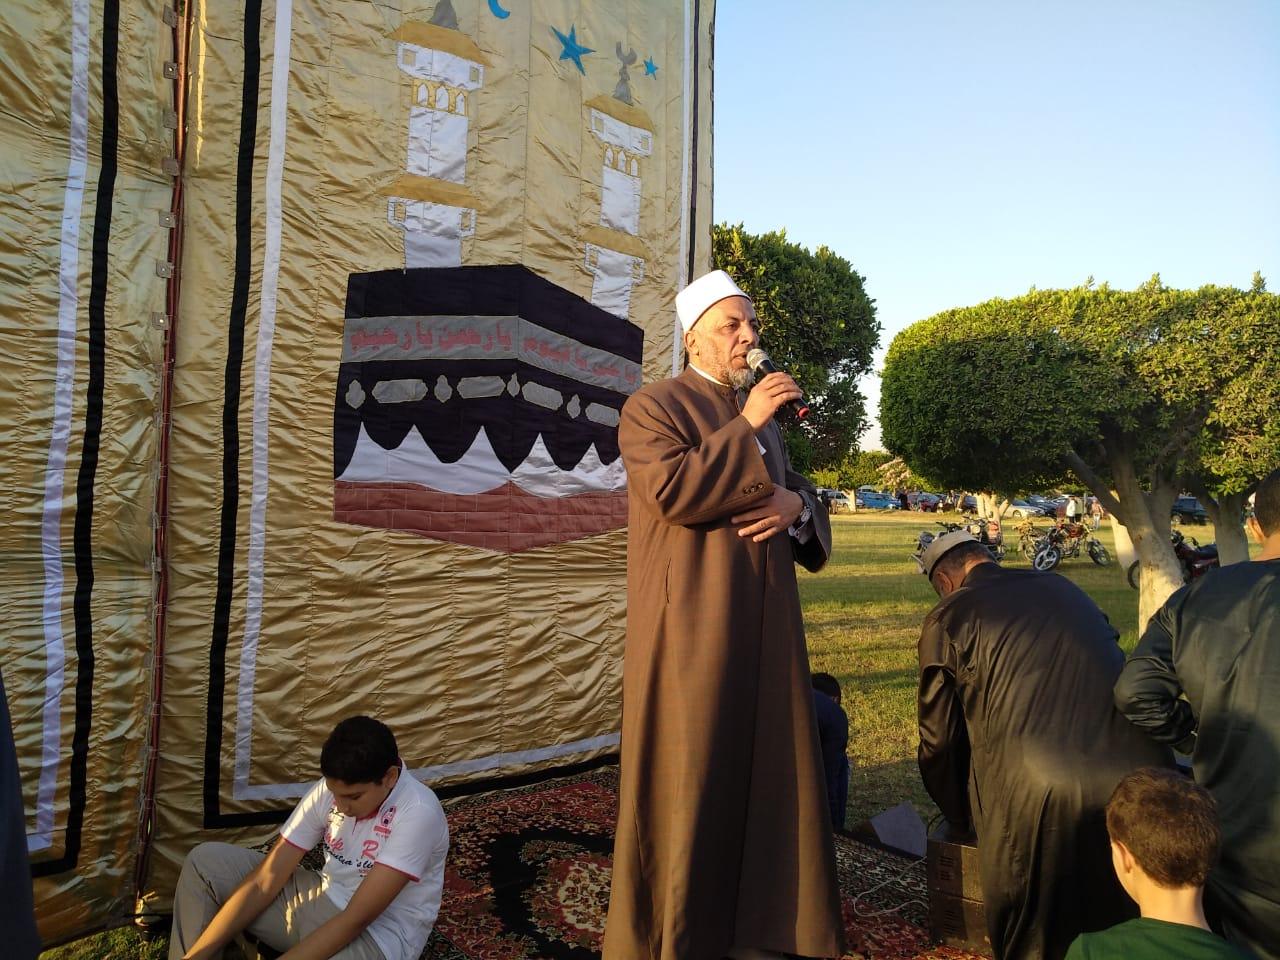 الشيخ سعيد عامر يأم المصلين بساحة التأمين الصحى